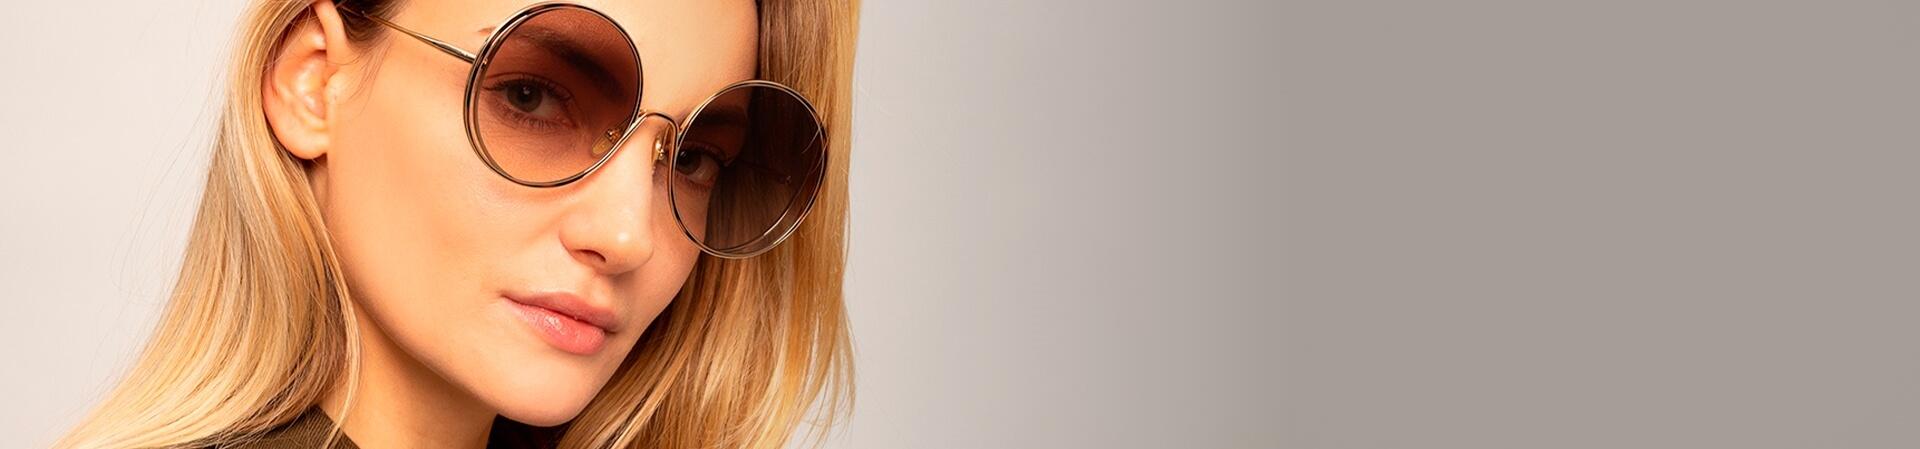 Mulher loira usando óculos de sol Chloé redondo com lentes marrons em degradê